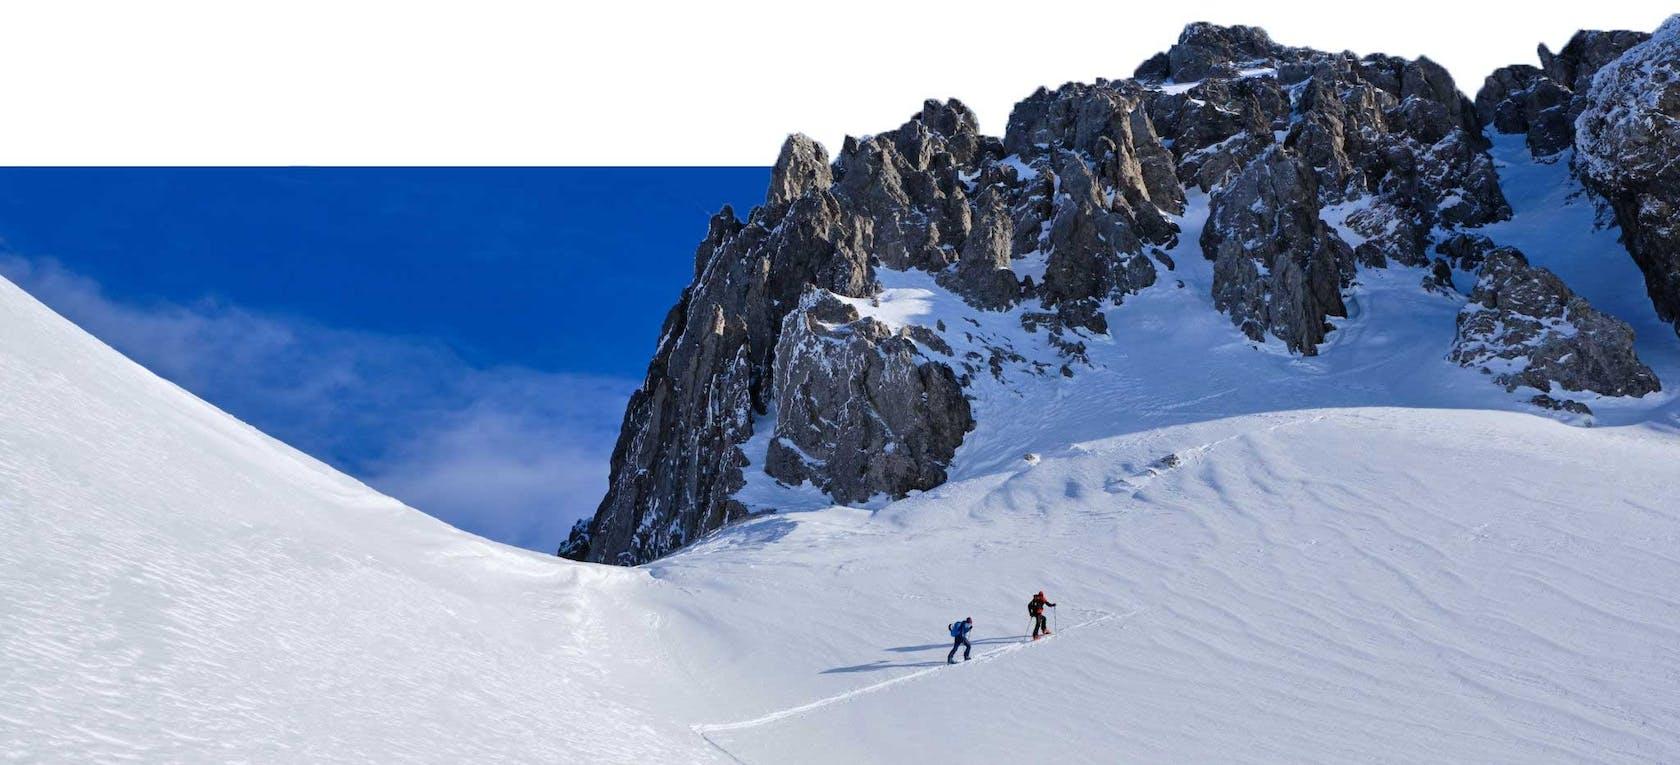 dynafit wintersports